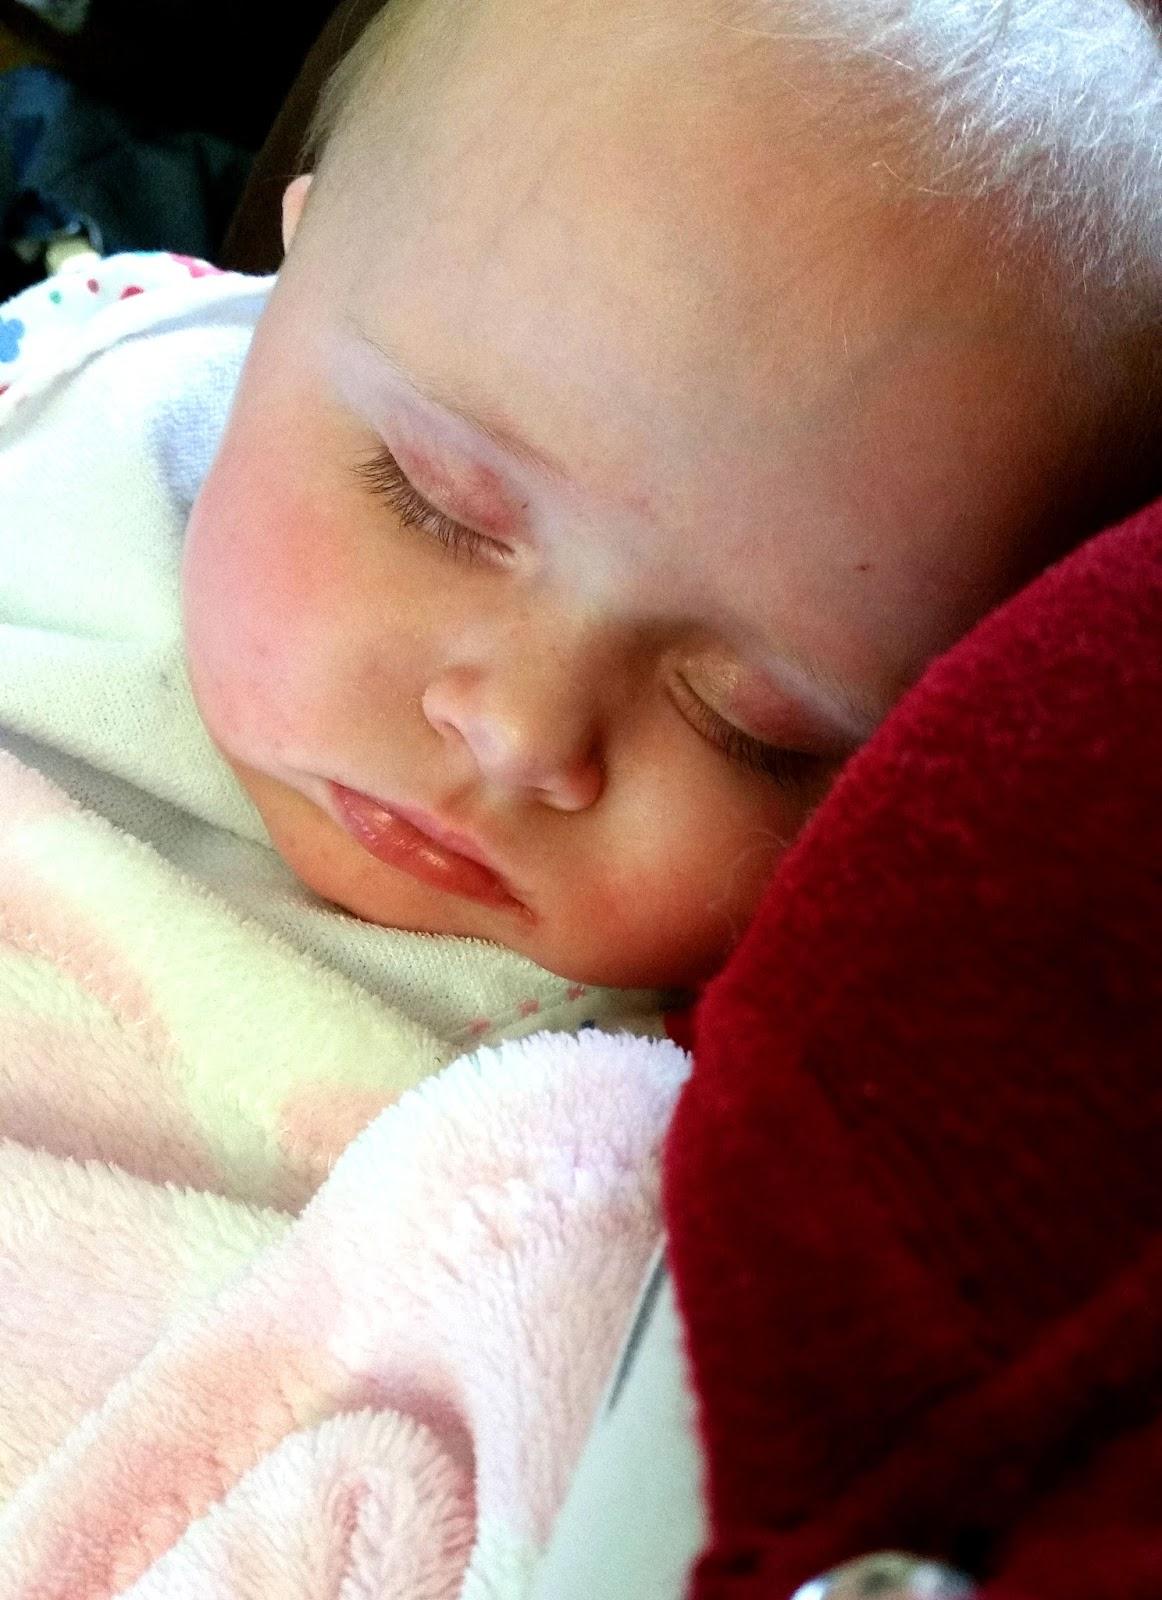 Baby development 6 months, 6 month milestones, baby at 6 months